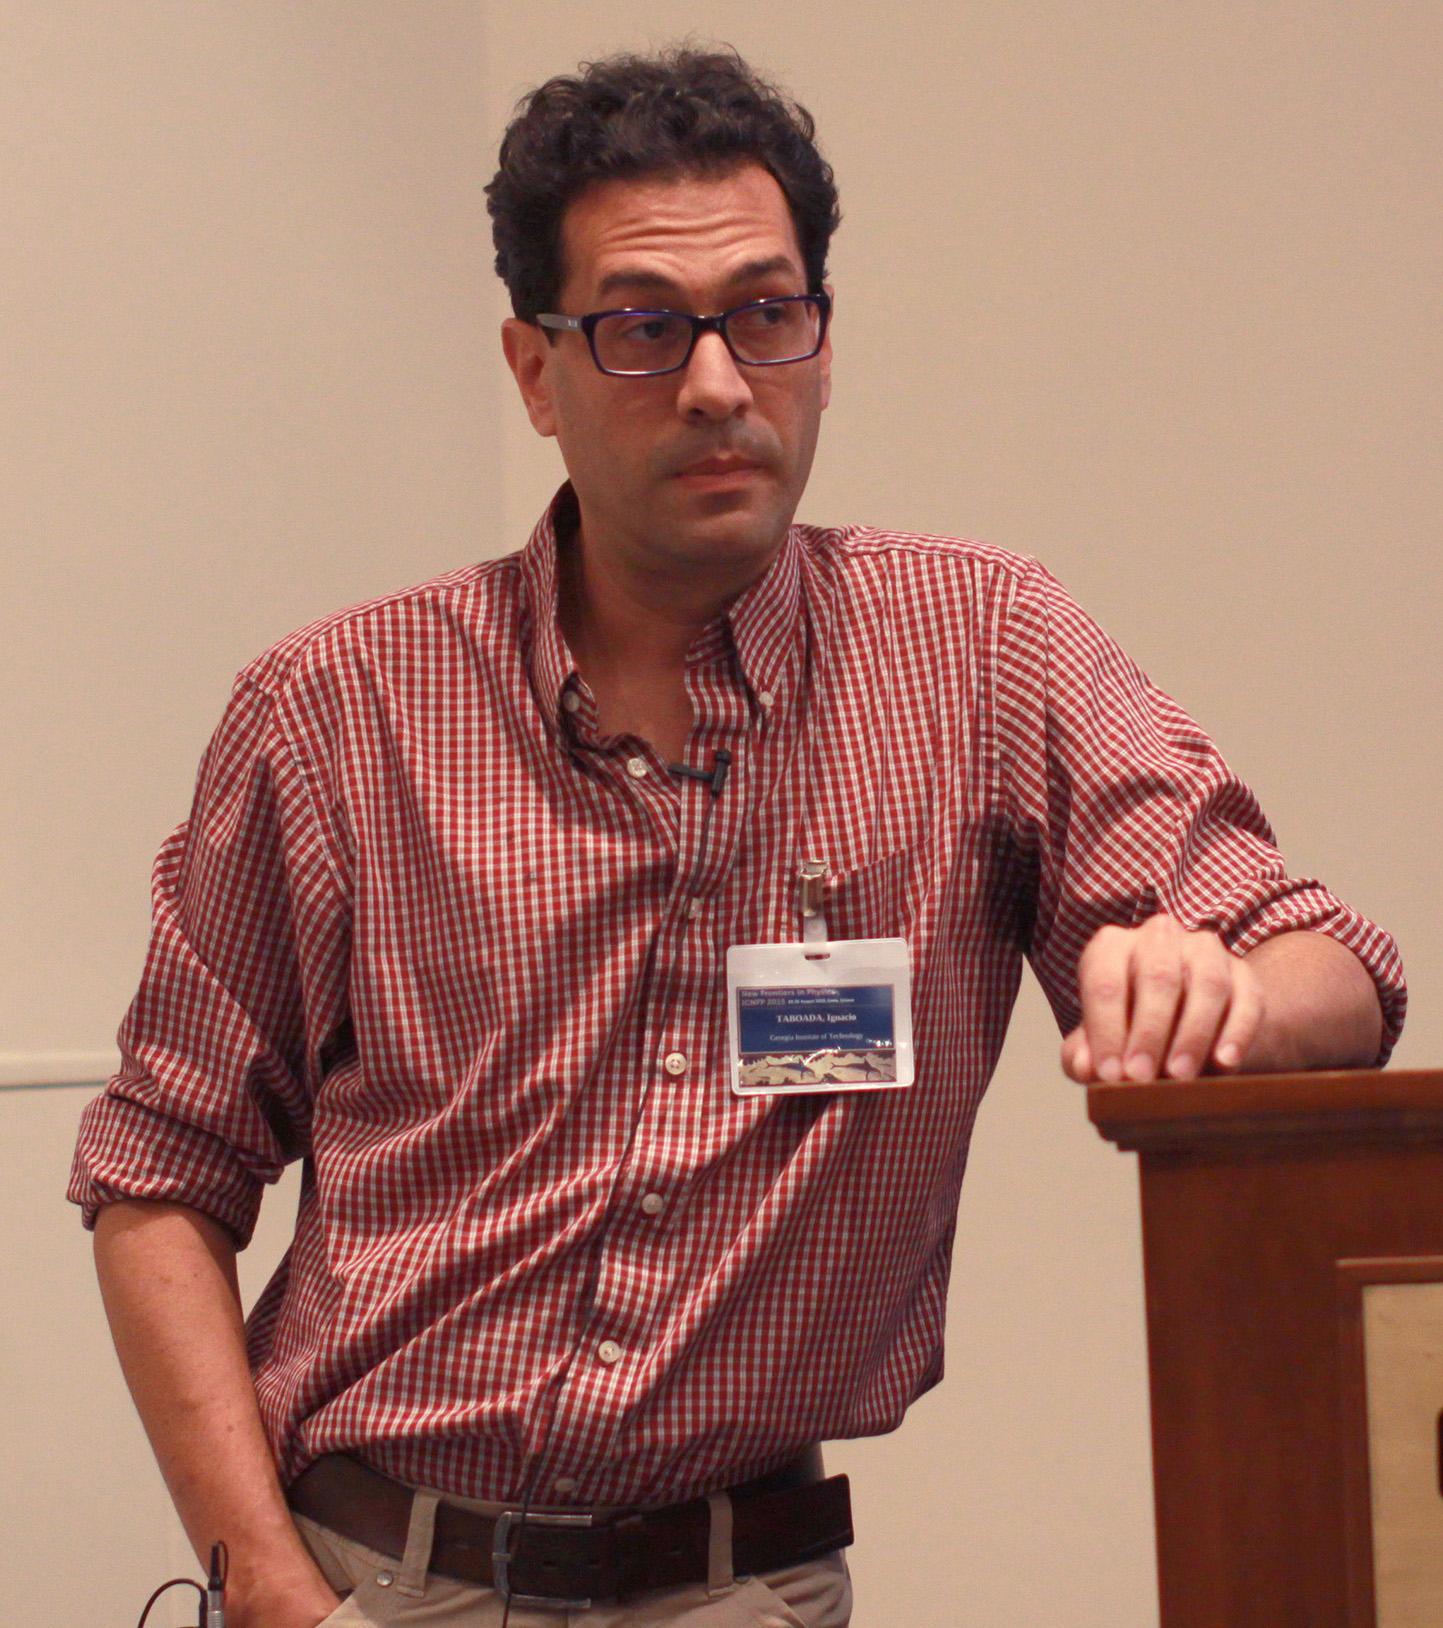 Ignacio Taboada